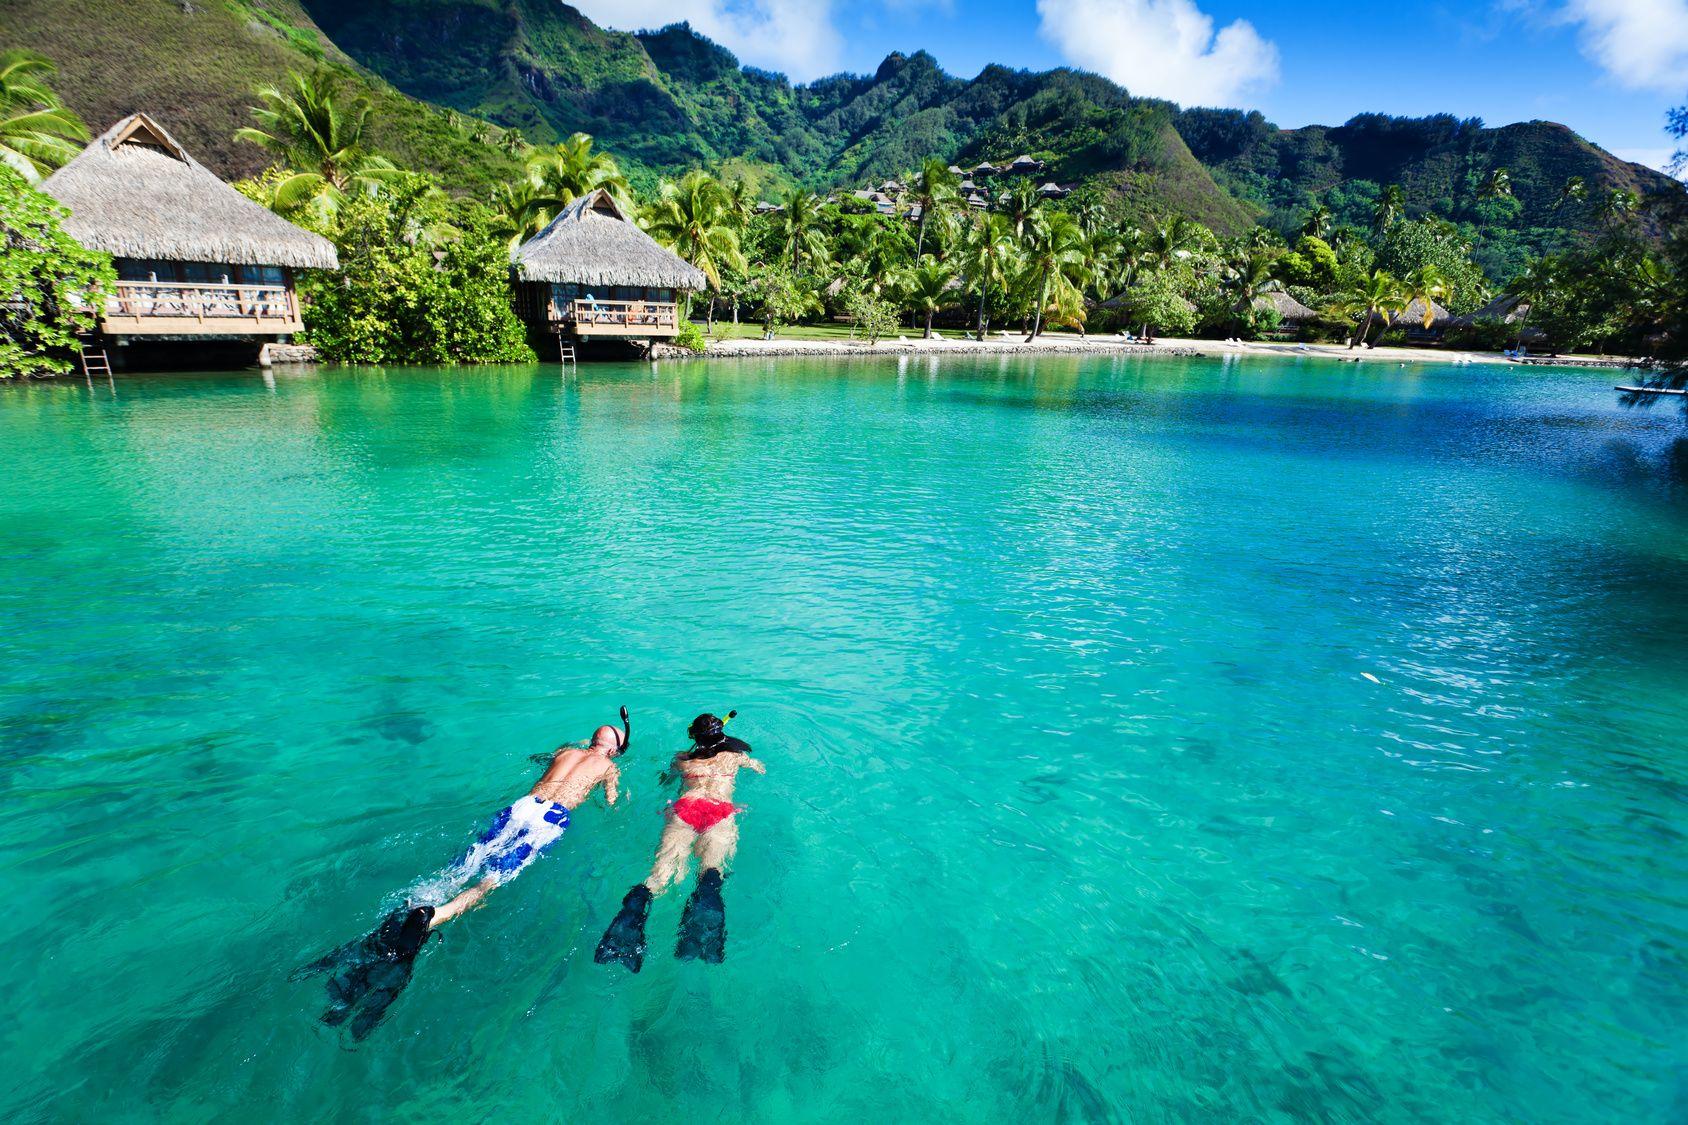 Inutile d'hypothéquer votre maison pour découvrir Tahiti et la Polynésie française. Malgré leur réputation de destination luxueuse très sélecte, ces îles paradisiaques peuvent se visiter moyennant un budget modique - à condition de faire les bons choix.